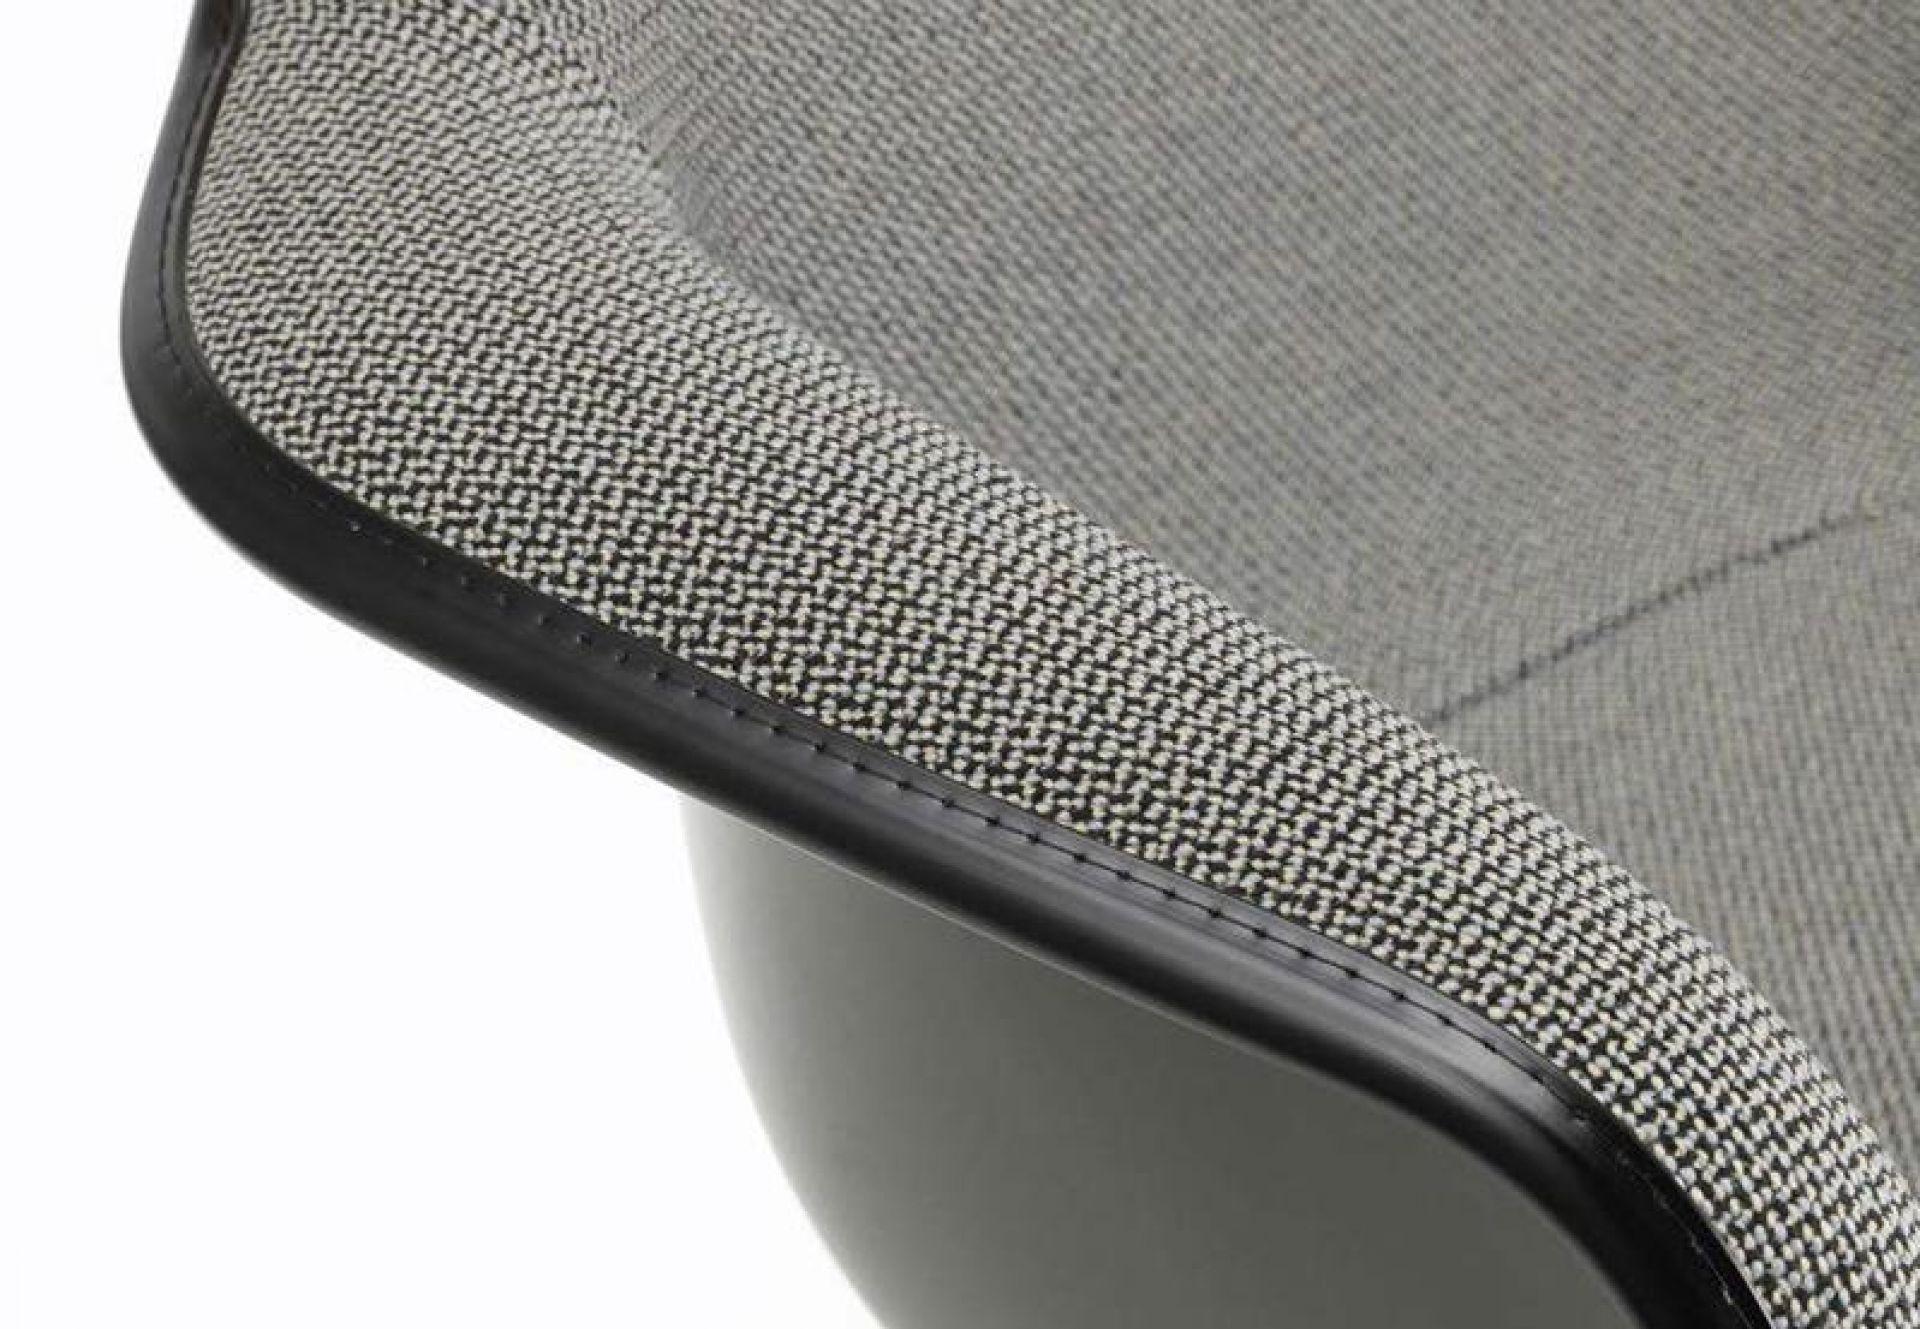 Eames Plastic Armchair RAR tissus d'ameublement complet IMM Introduction chaise à bascule Vitra